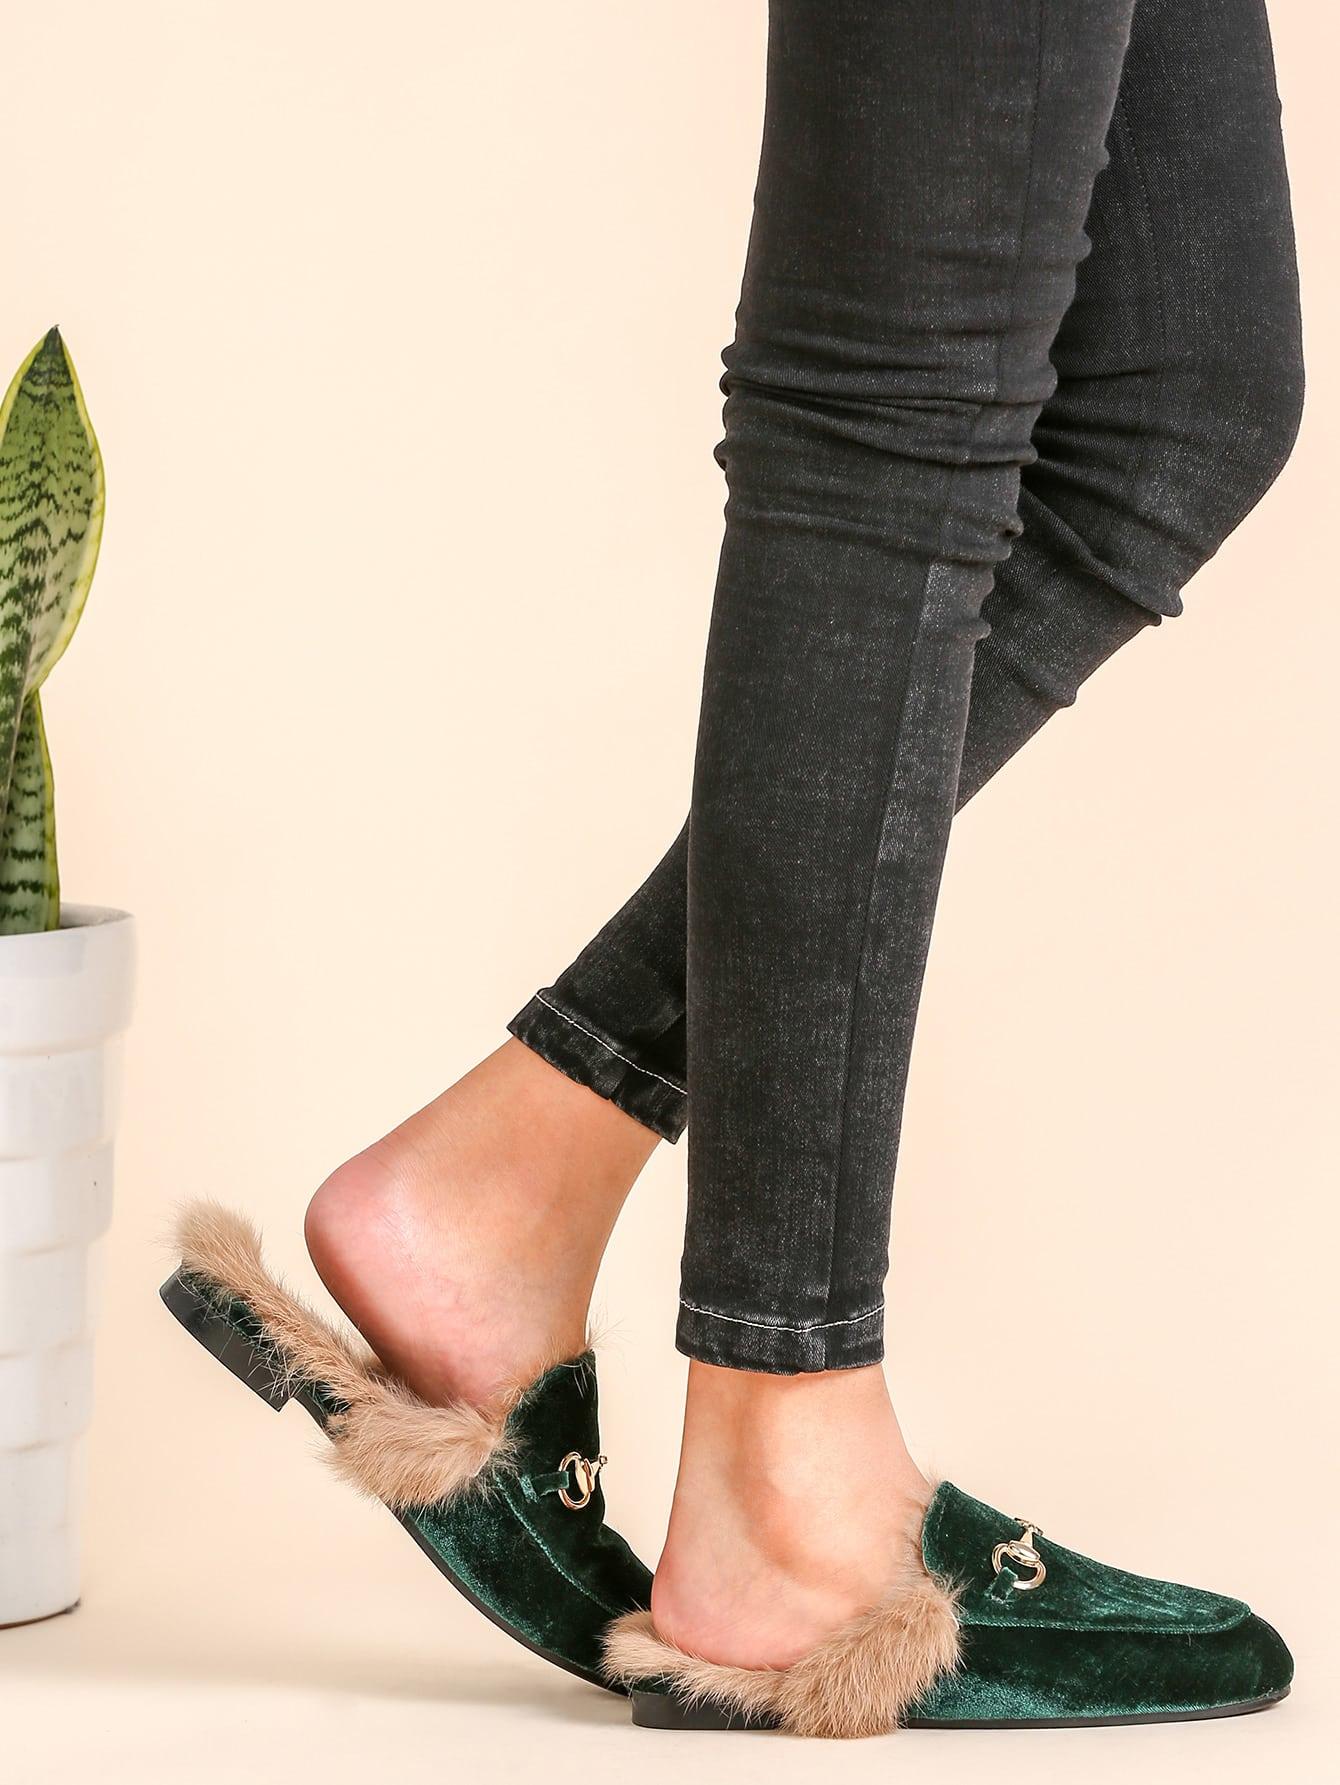 shoes161010812_2